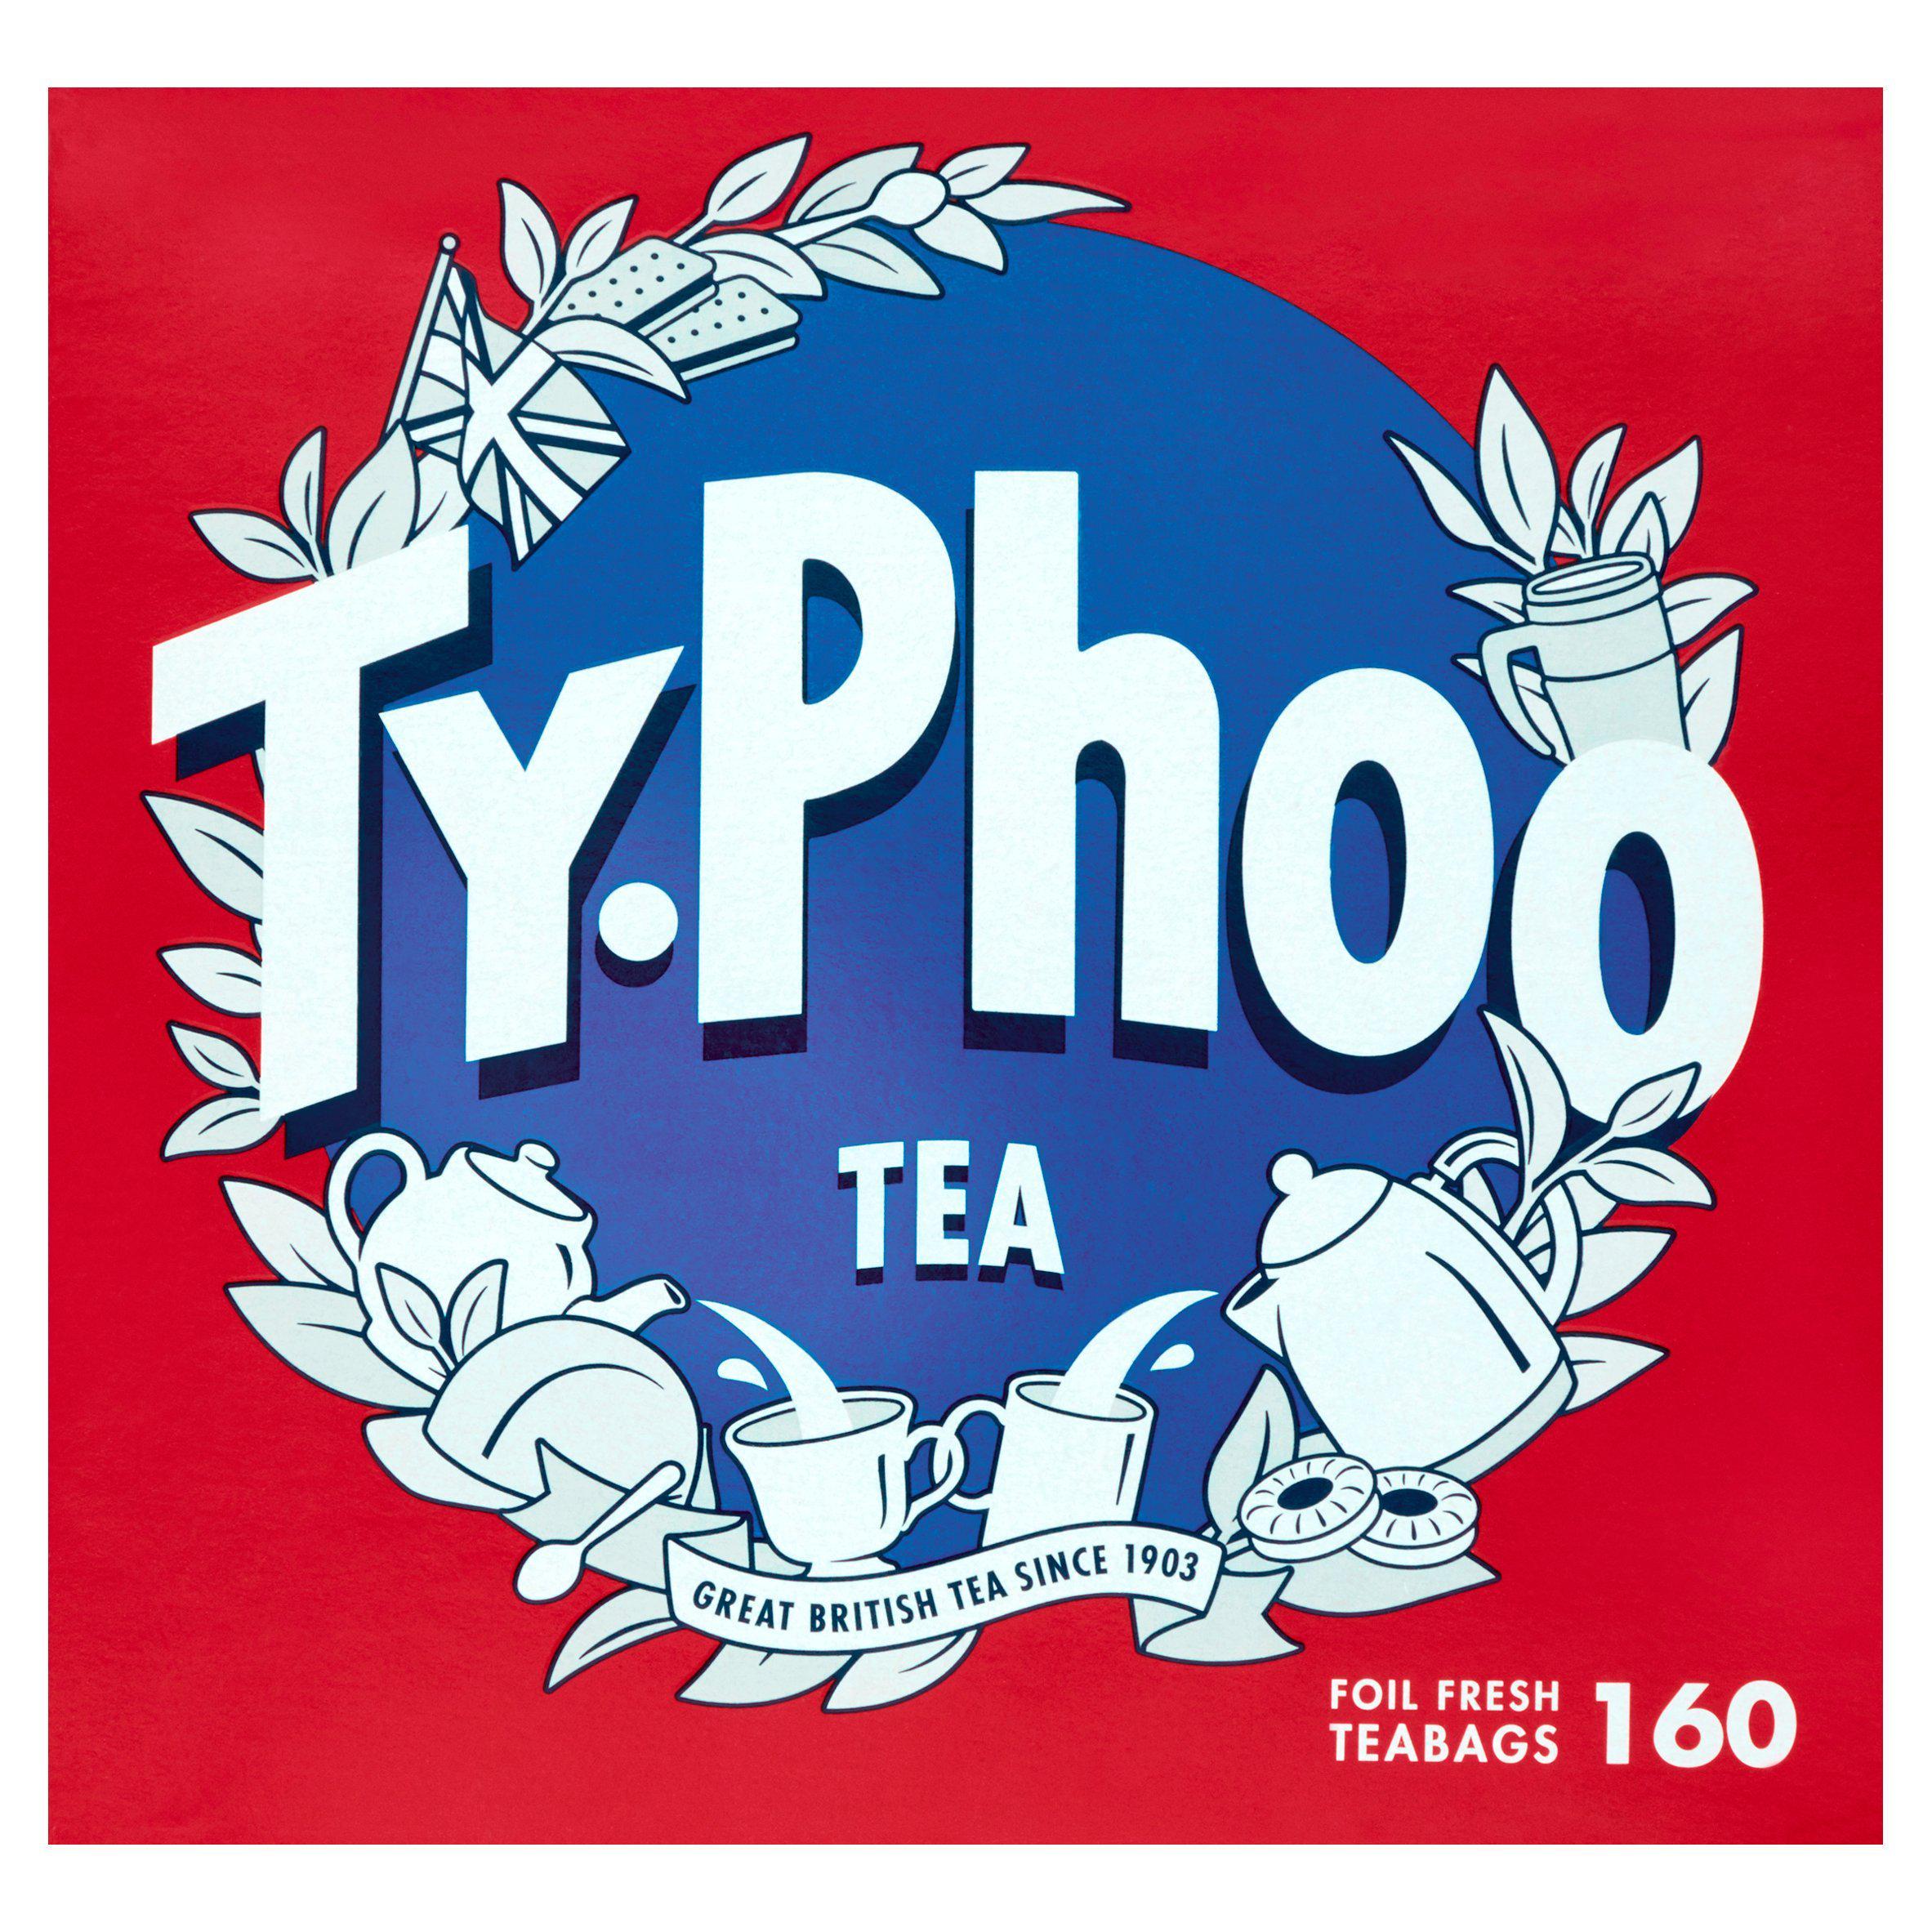 Typhoo tea bags 160s - 464g - 55p at Sainsburys Blackpool